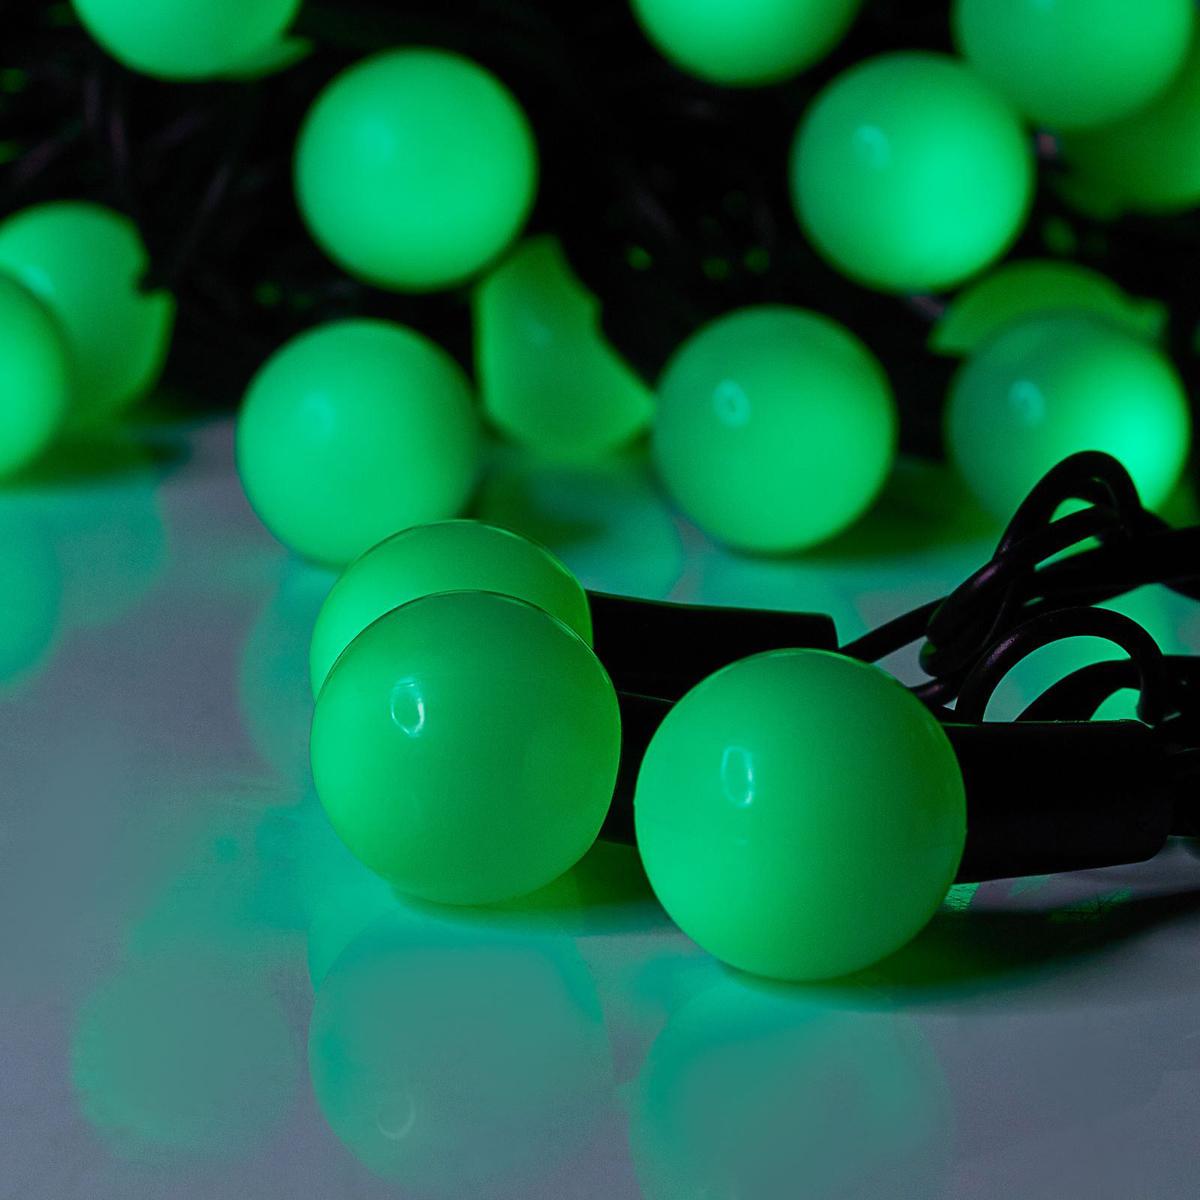 Гирлянда светодиодная Luazon Метраж. Шарики большие, уличная с насадкой, 8 режимов, 50 ламп, 220 V, 6 м, цвет: зеленый. 185534185534Светодиодные гирлянды, ленты и т.д. — это отличный вариант для новогоднего оформления интерьера или фасада. С их помощью помещение любого размера можно превратить в праздничный зал, а внешние элементы зданий, украшенные ими, мгновенно станут напоминать очертания сказочного дворца. Такие украшения создают ауру предвкушения чуда. Деревья, фасады, витрины, окна и арки будто специально созданы, чтобы вы украсили их светящимися нитями.